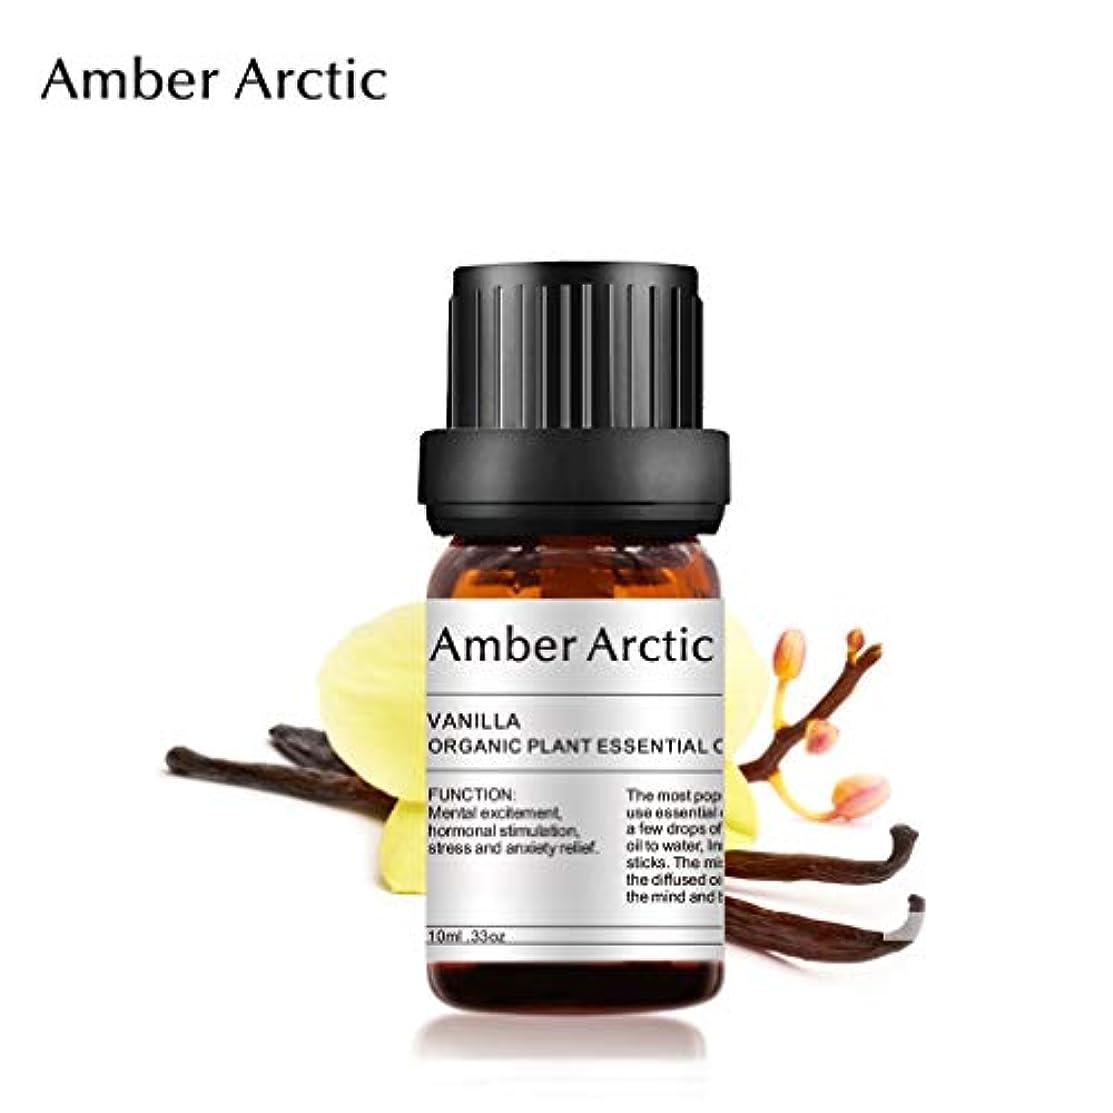 アソシエイト限られた厳AMBER ARCTIC エッセンシャル オイル ディフューザー 用 100% 純粋 新鮮 有機 植物 療法 バニラ オイル 10Ml/0.33Oz バニラ